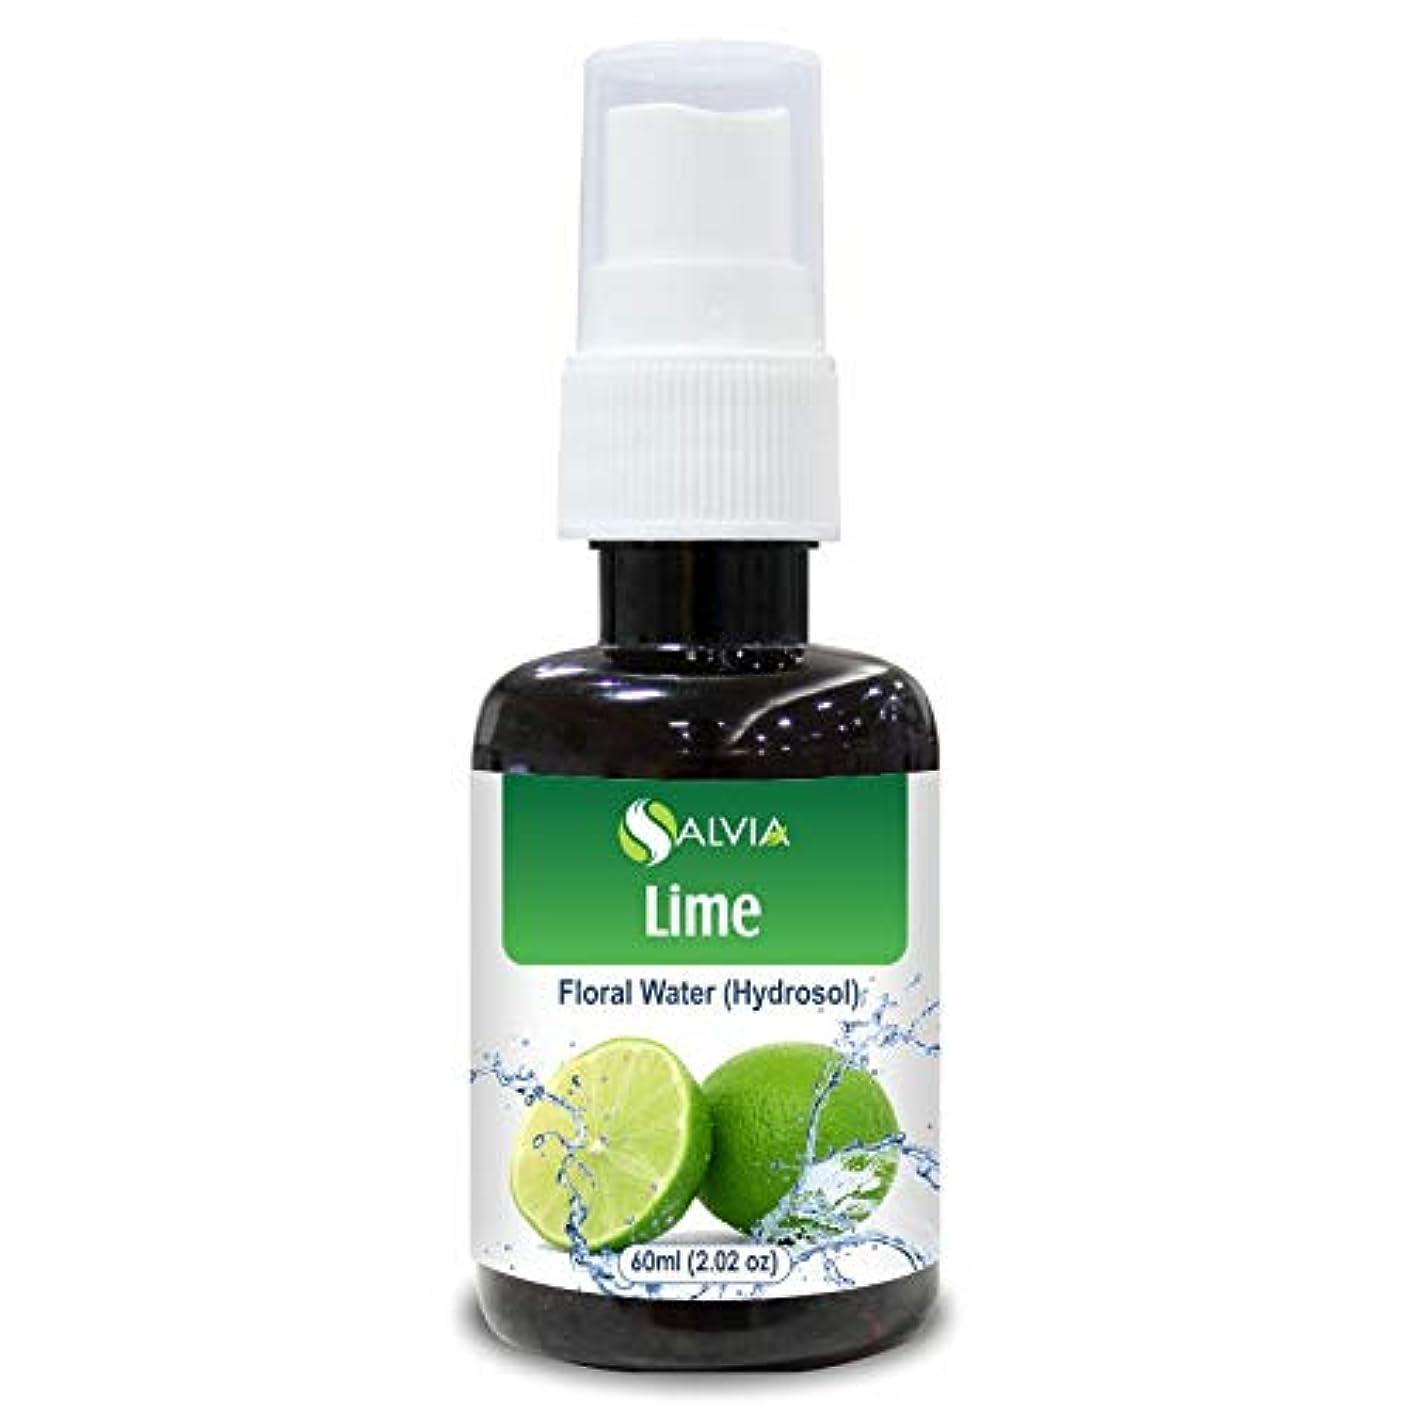 電池福祉気質Lime Floral Water 60ml (Hydrosol) 100% Pure And Natural